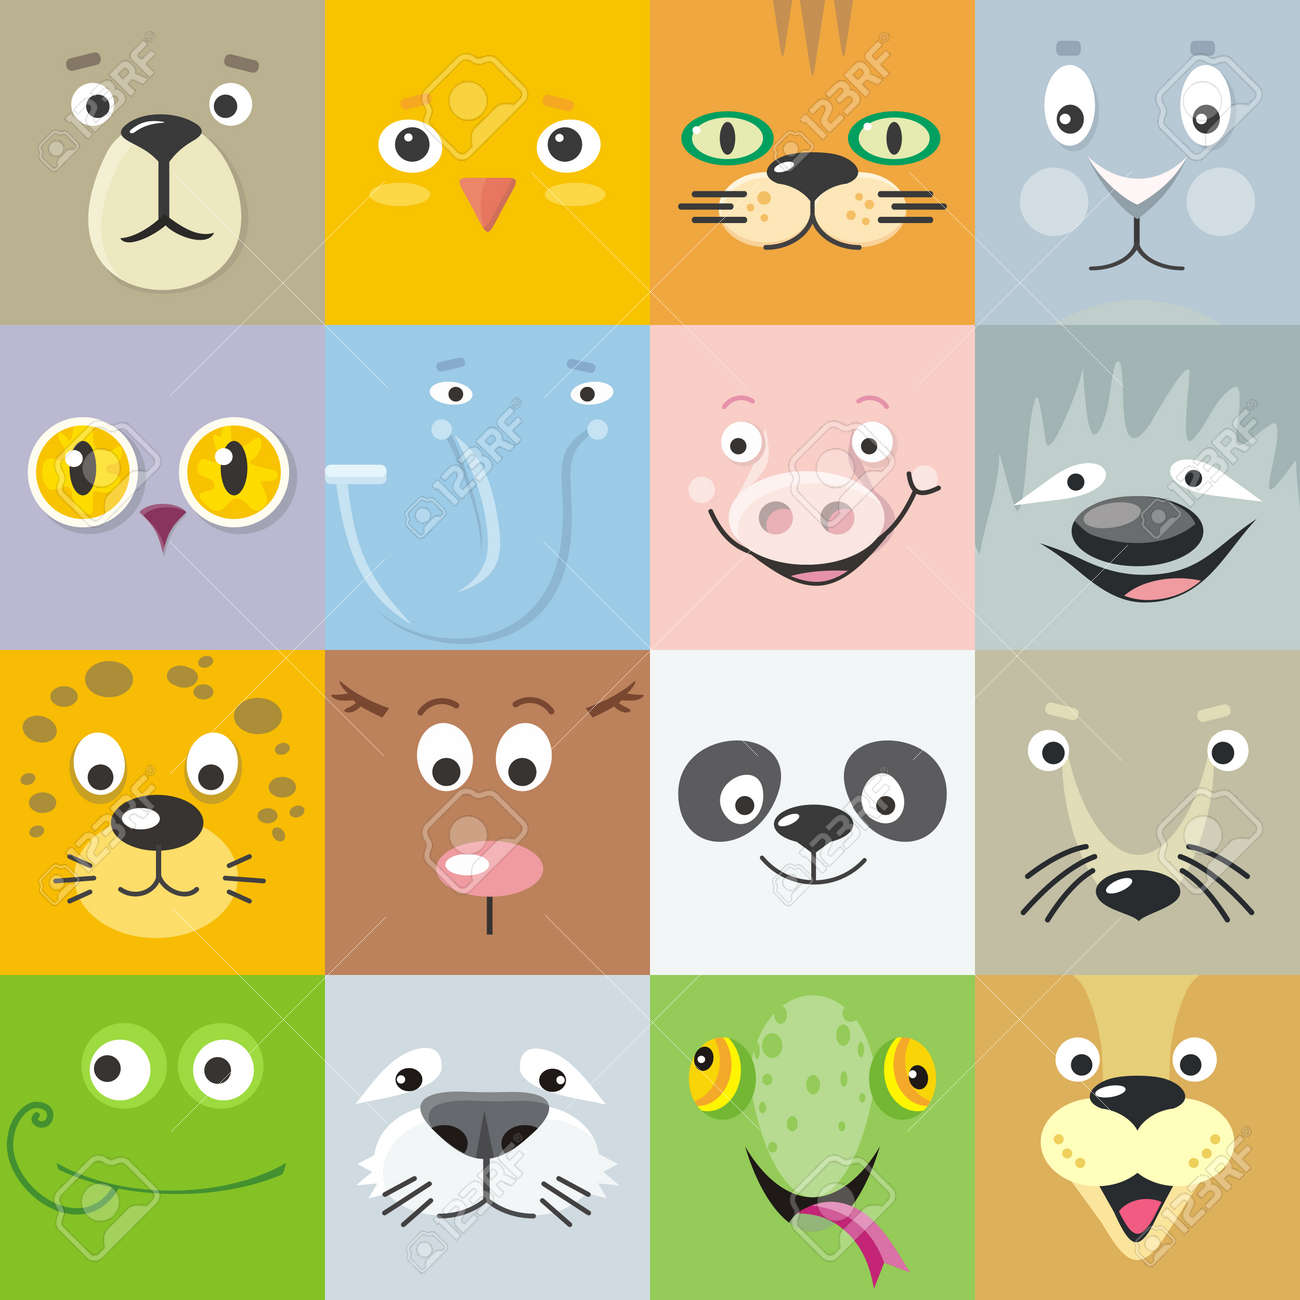 カラー動物顔のベクトルのセット。フラットなデザイン。哺乳類および鳥の